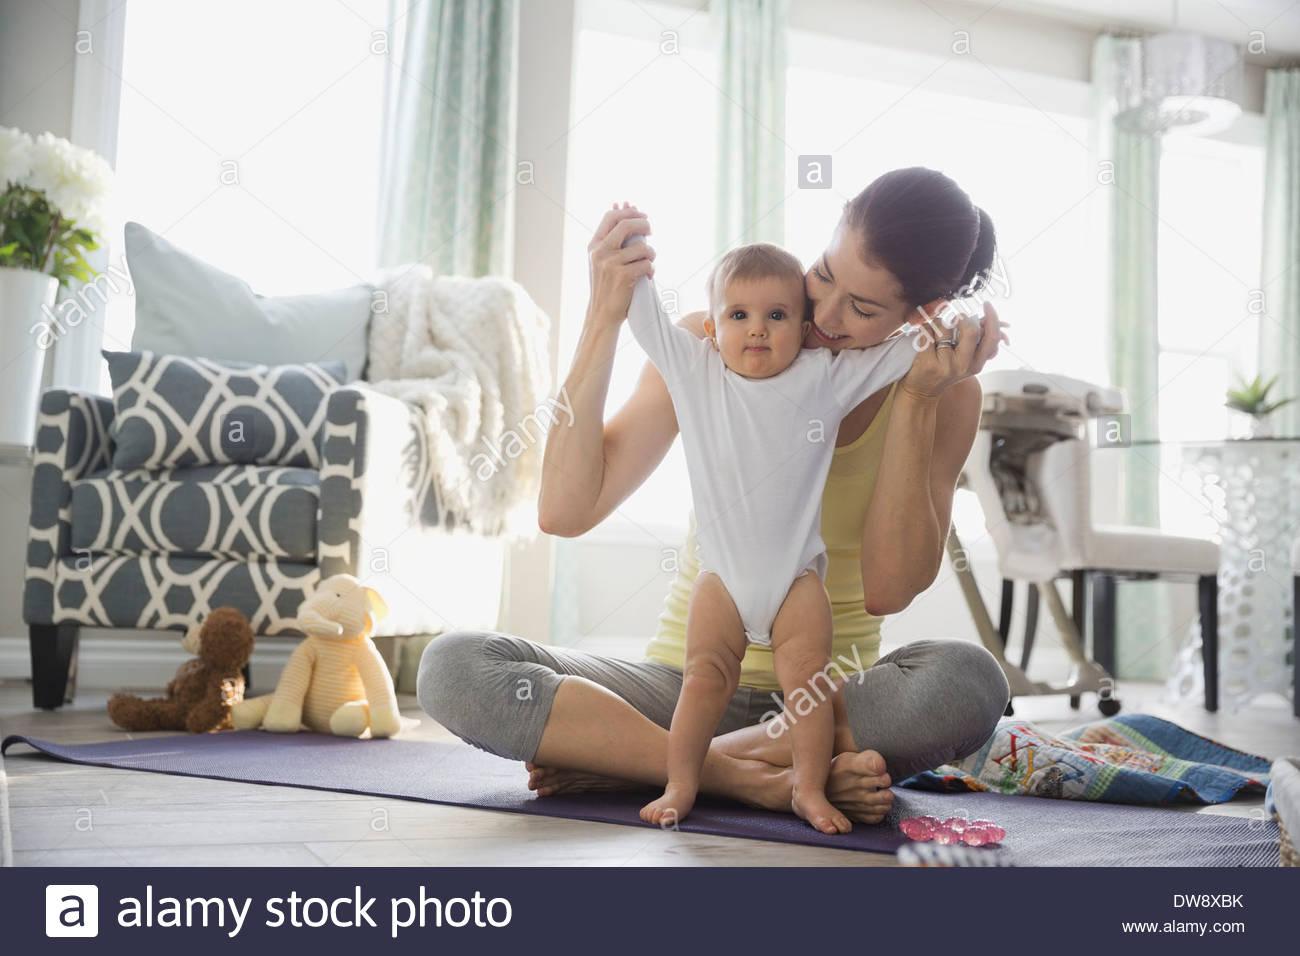 Mutter mit Babymädchen spielen auf Yoga-Matte Stockbild